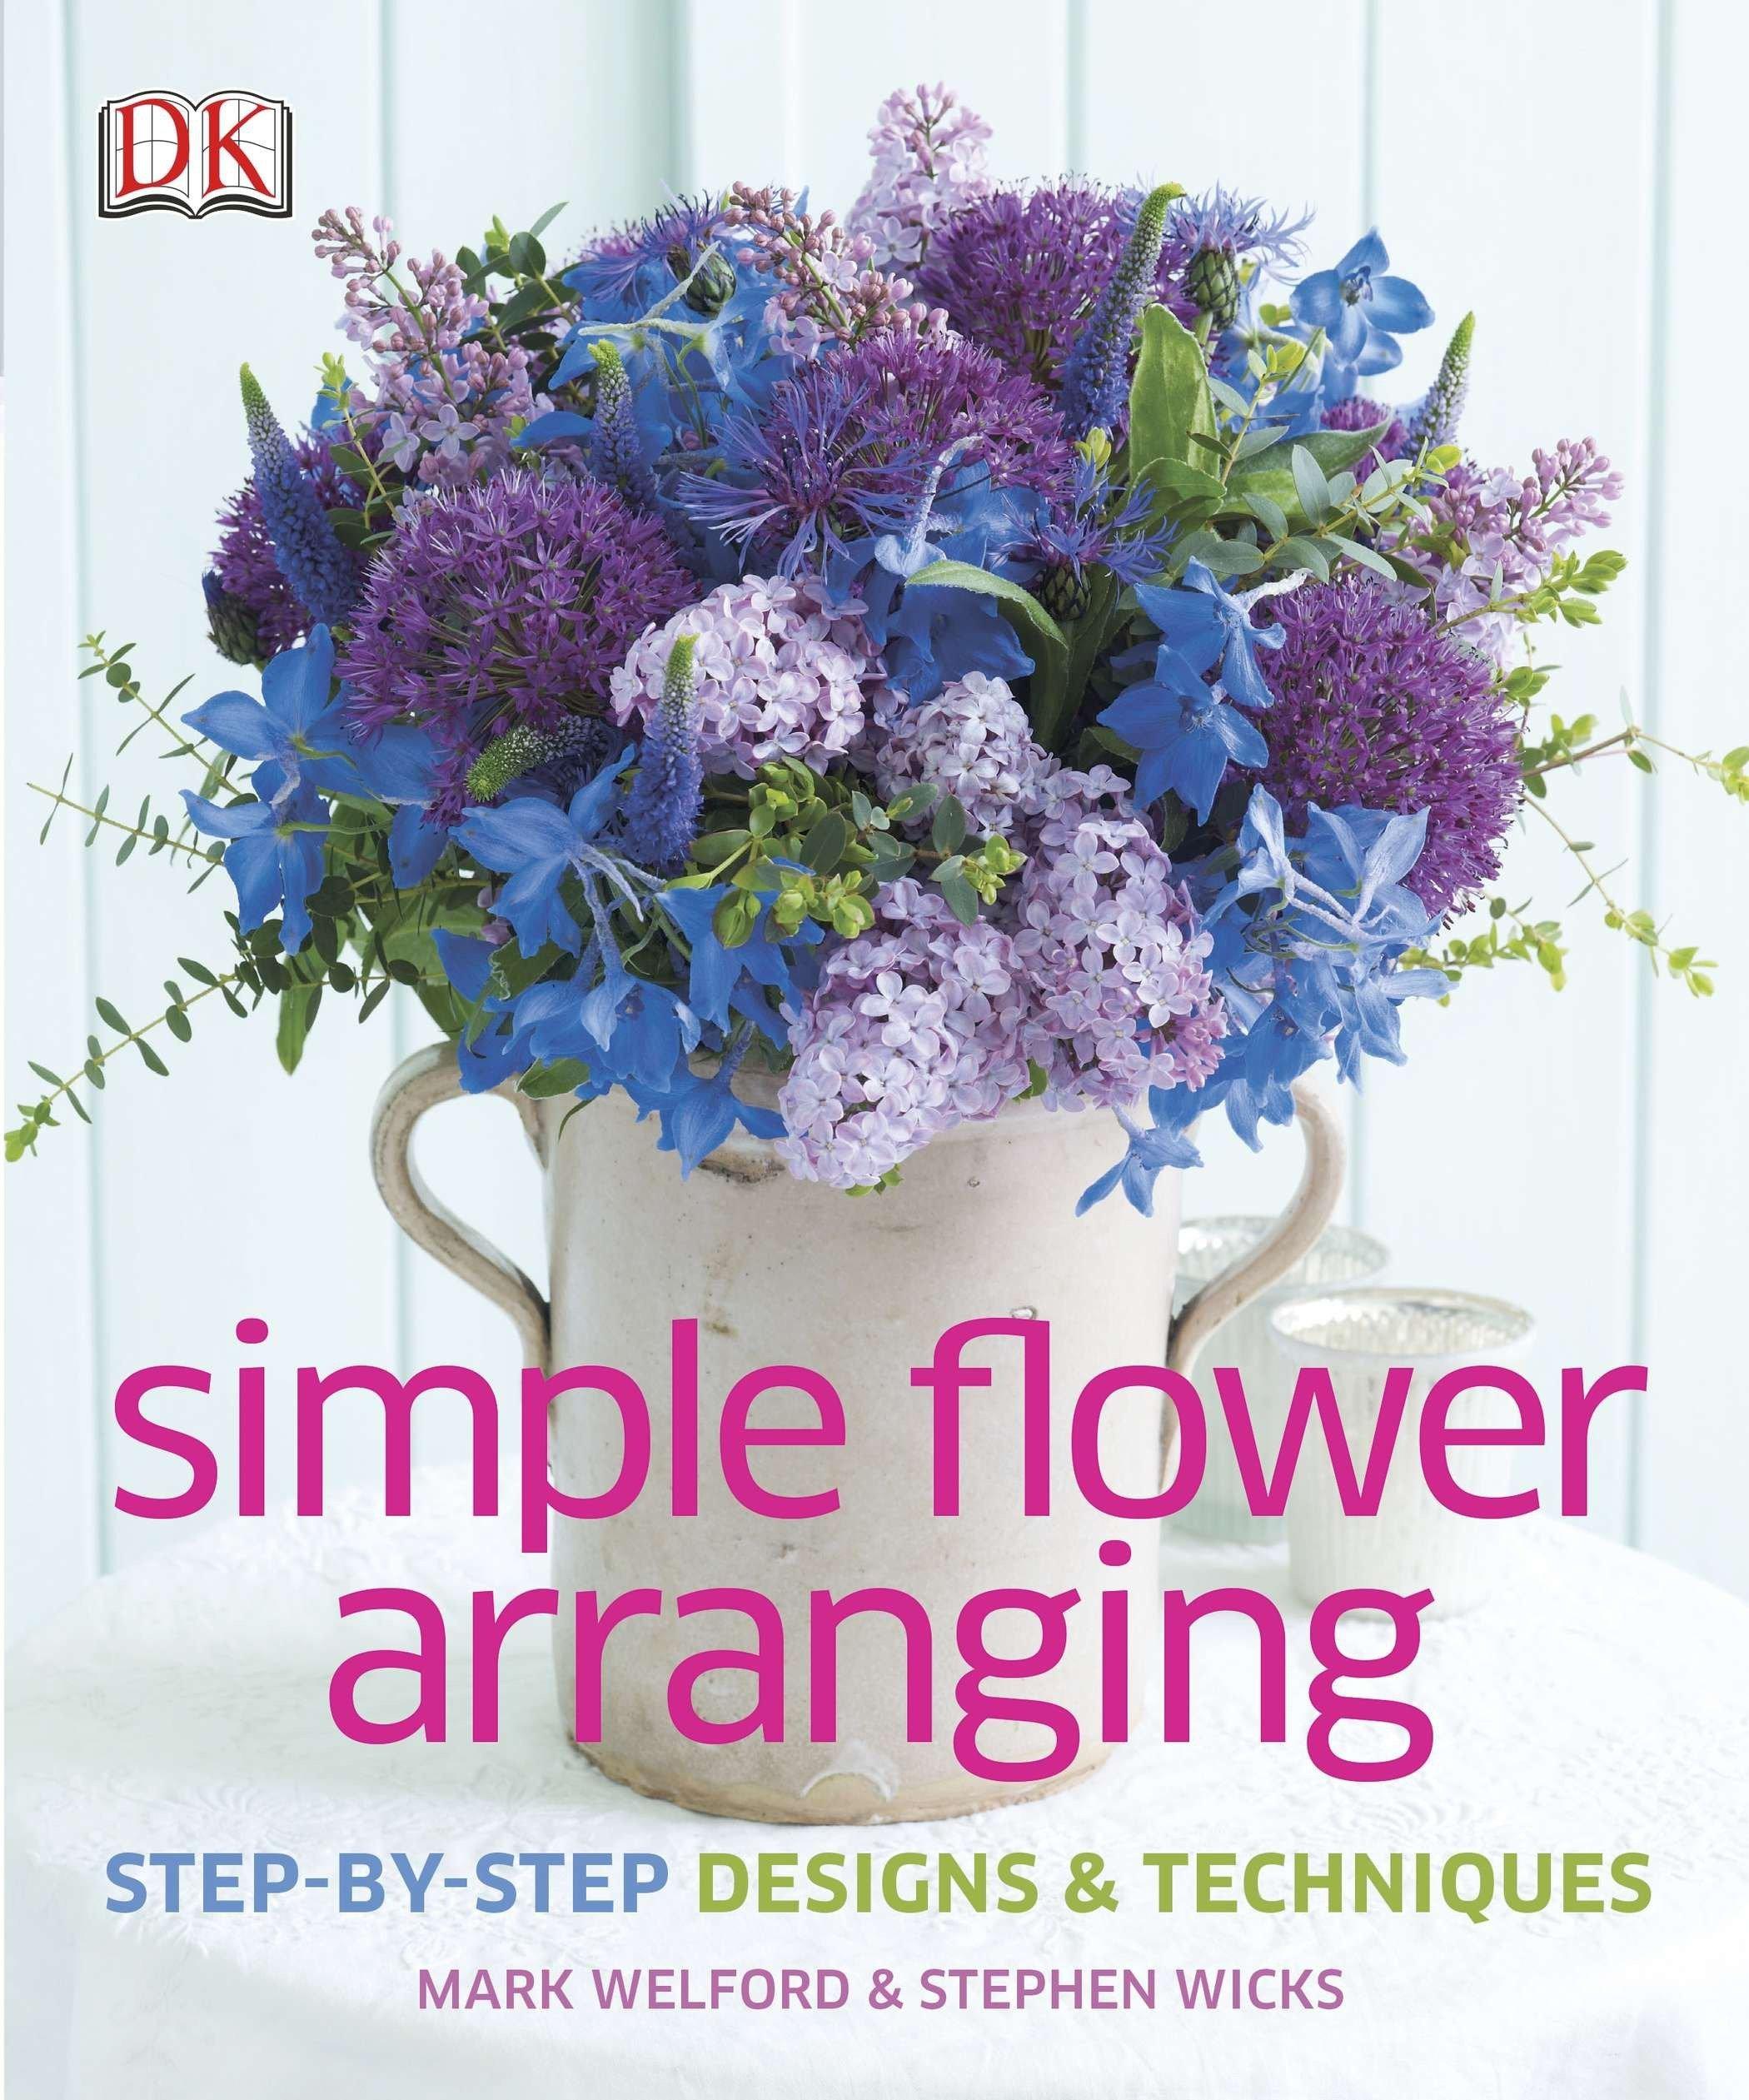 Simple Flower Arranging Mark Welford Stephen Wicks 0790778015886